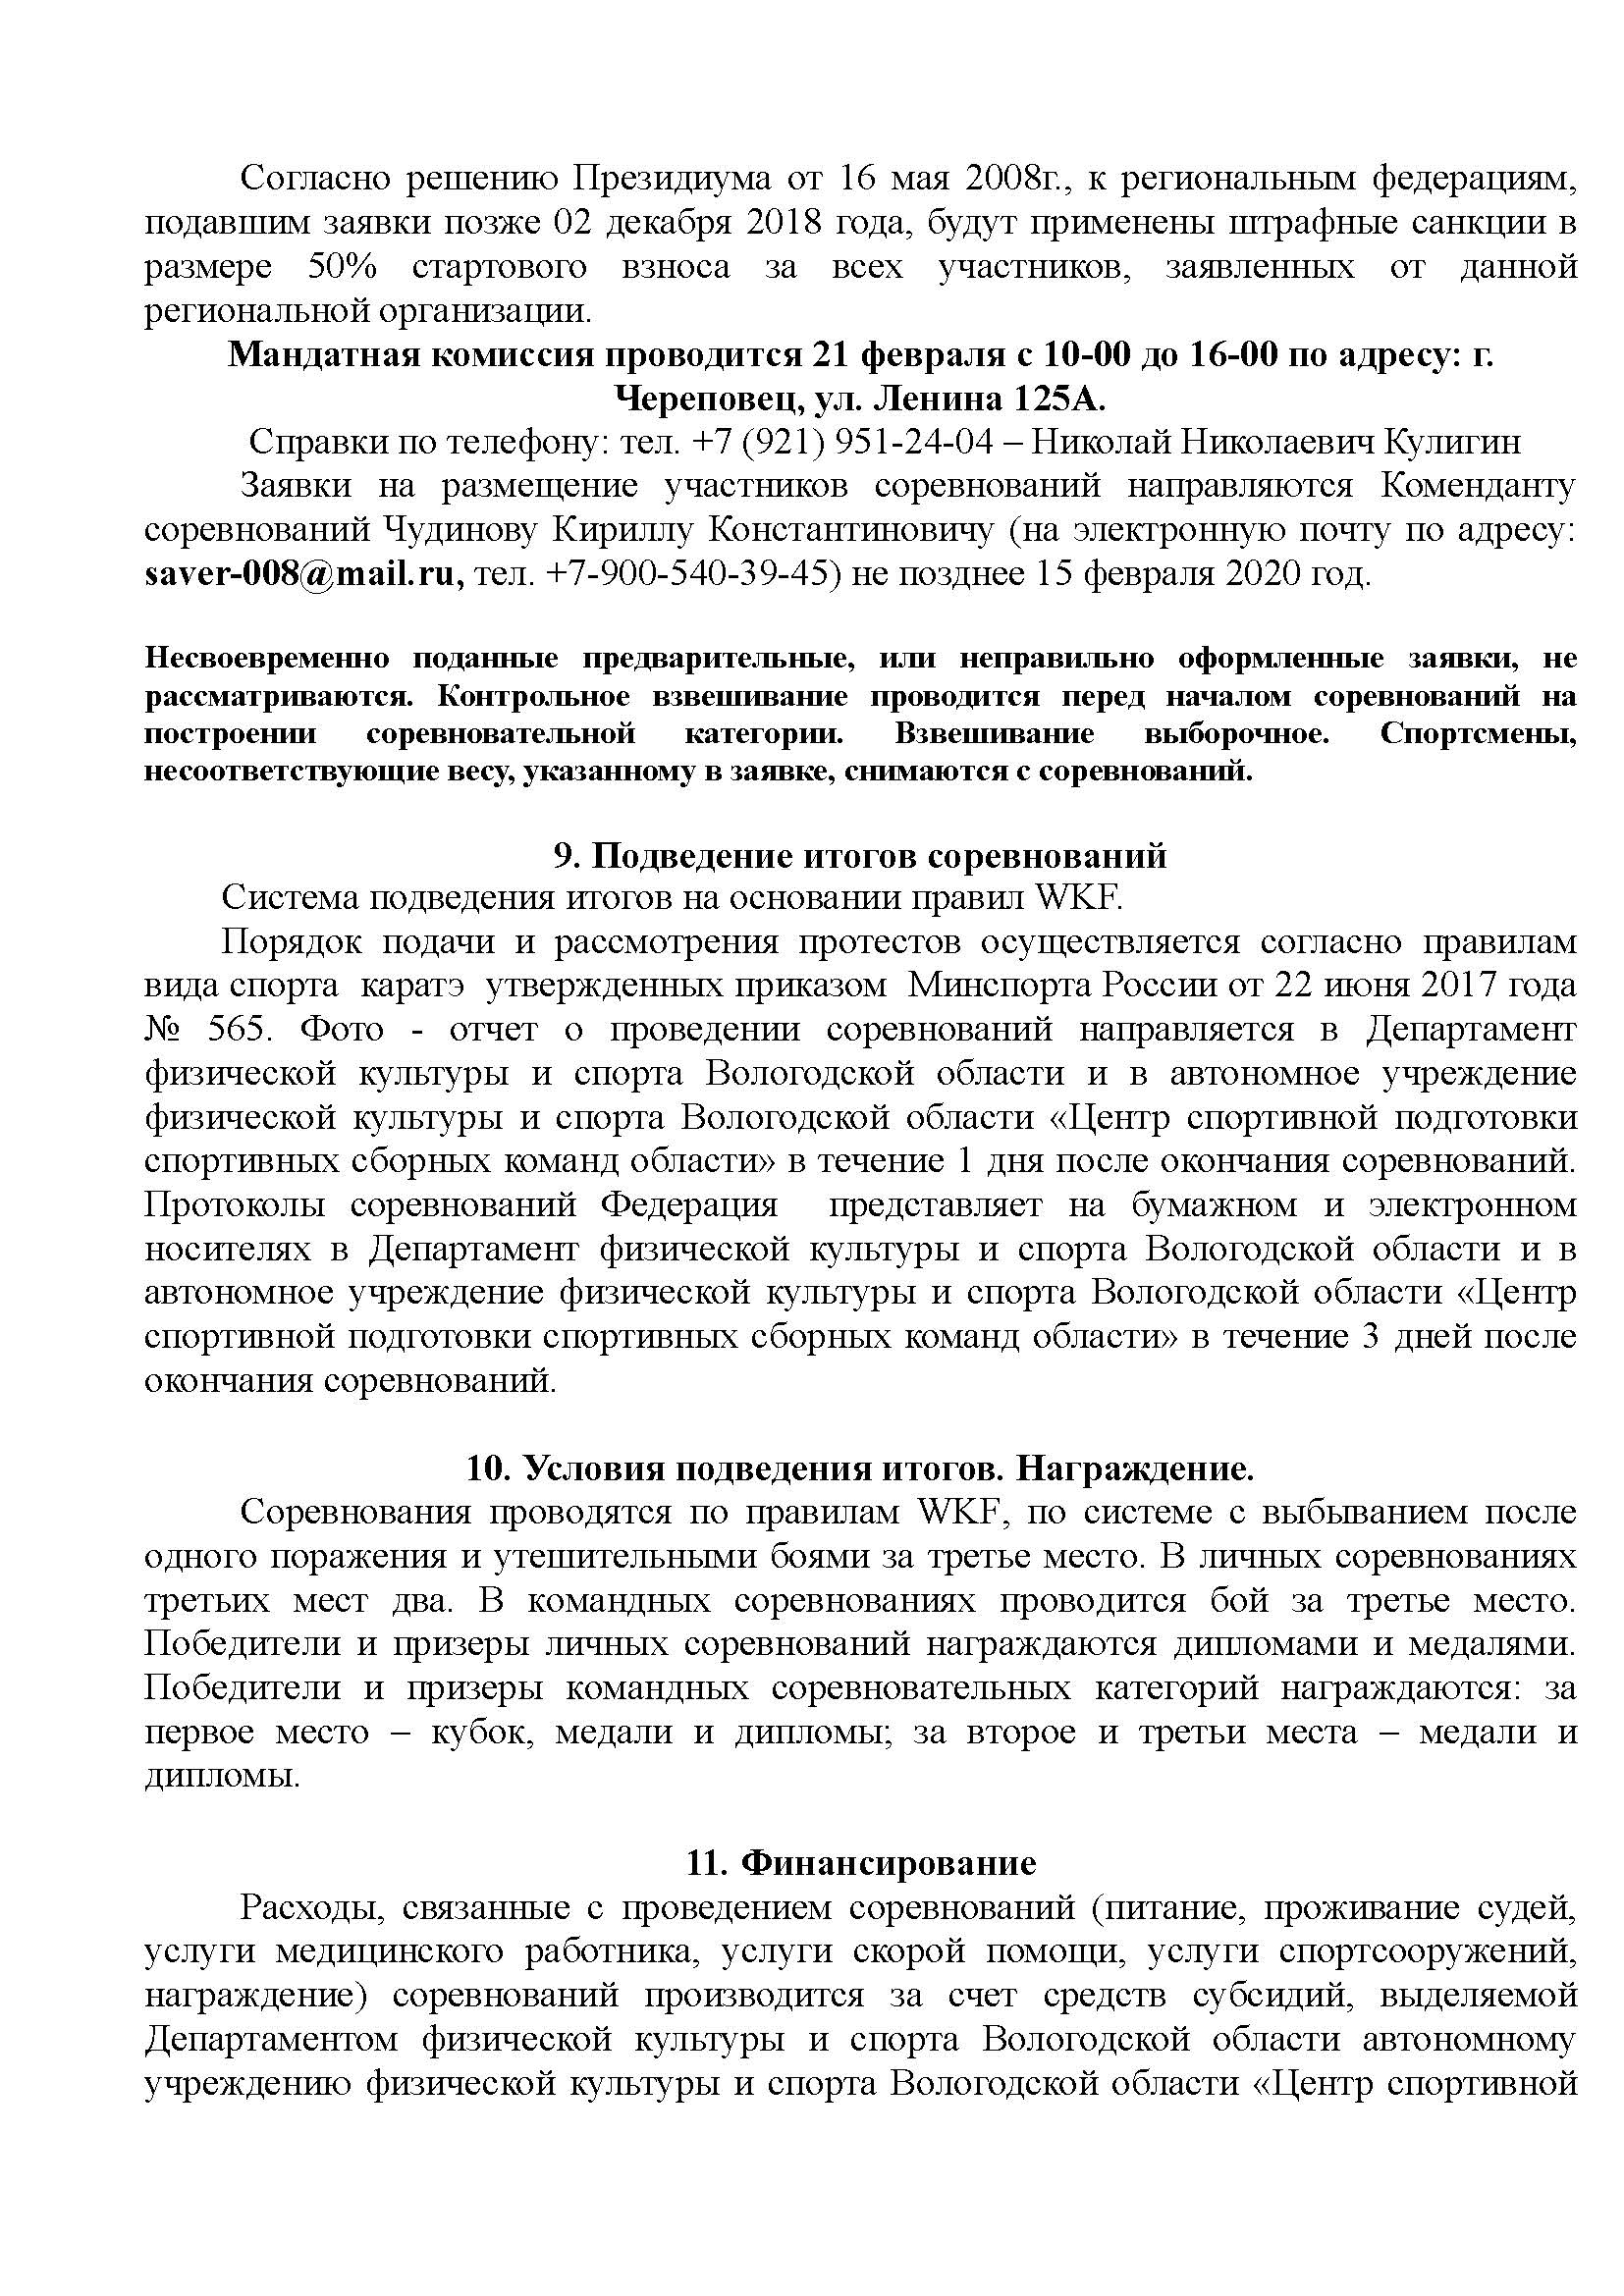 СЗФО-2020_001-OF_Страница_5